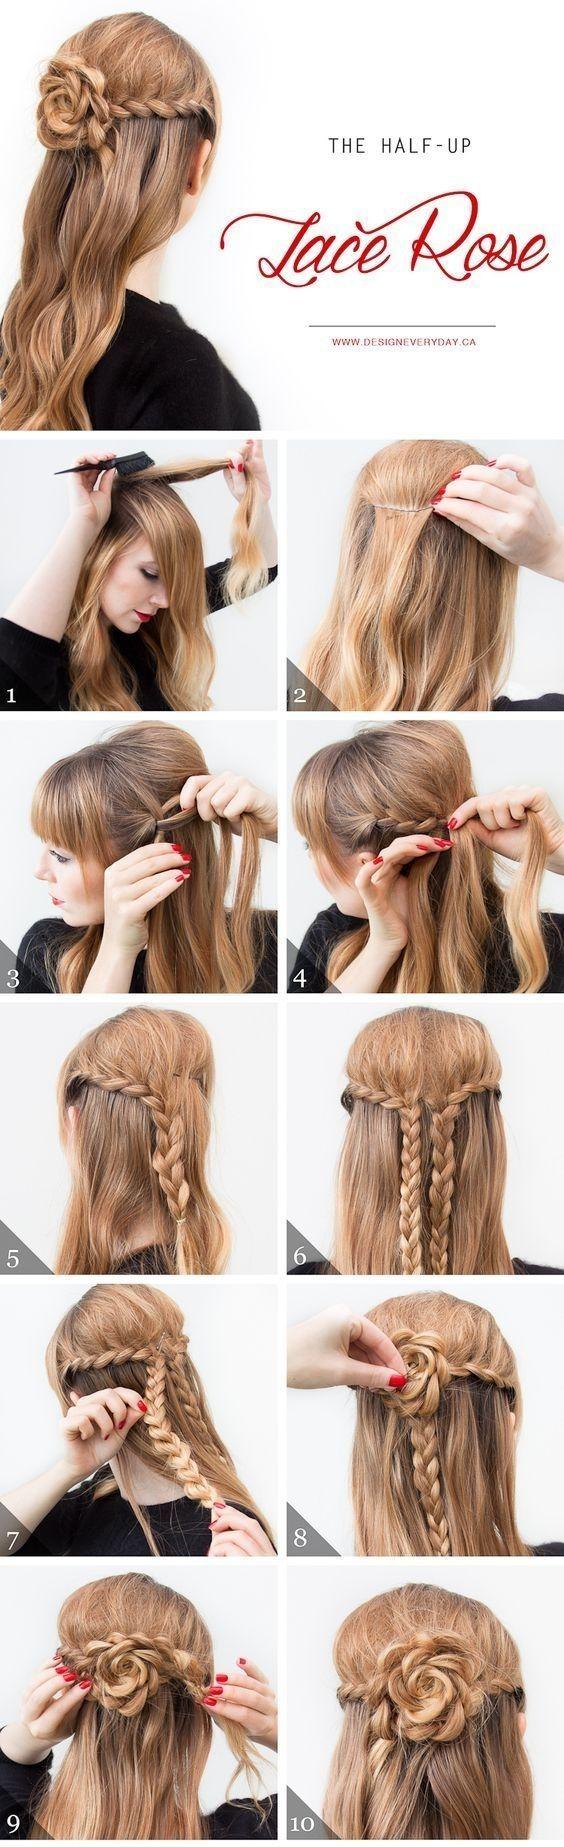 Easy Diy Hairstyles For Beginners The Easy Diy Hairstyles For Beginners Could Be Beginners Could Ha Diy Hairstyles Easy Long Hair Styles Cool Hairstyles